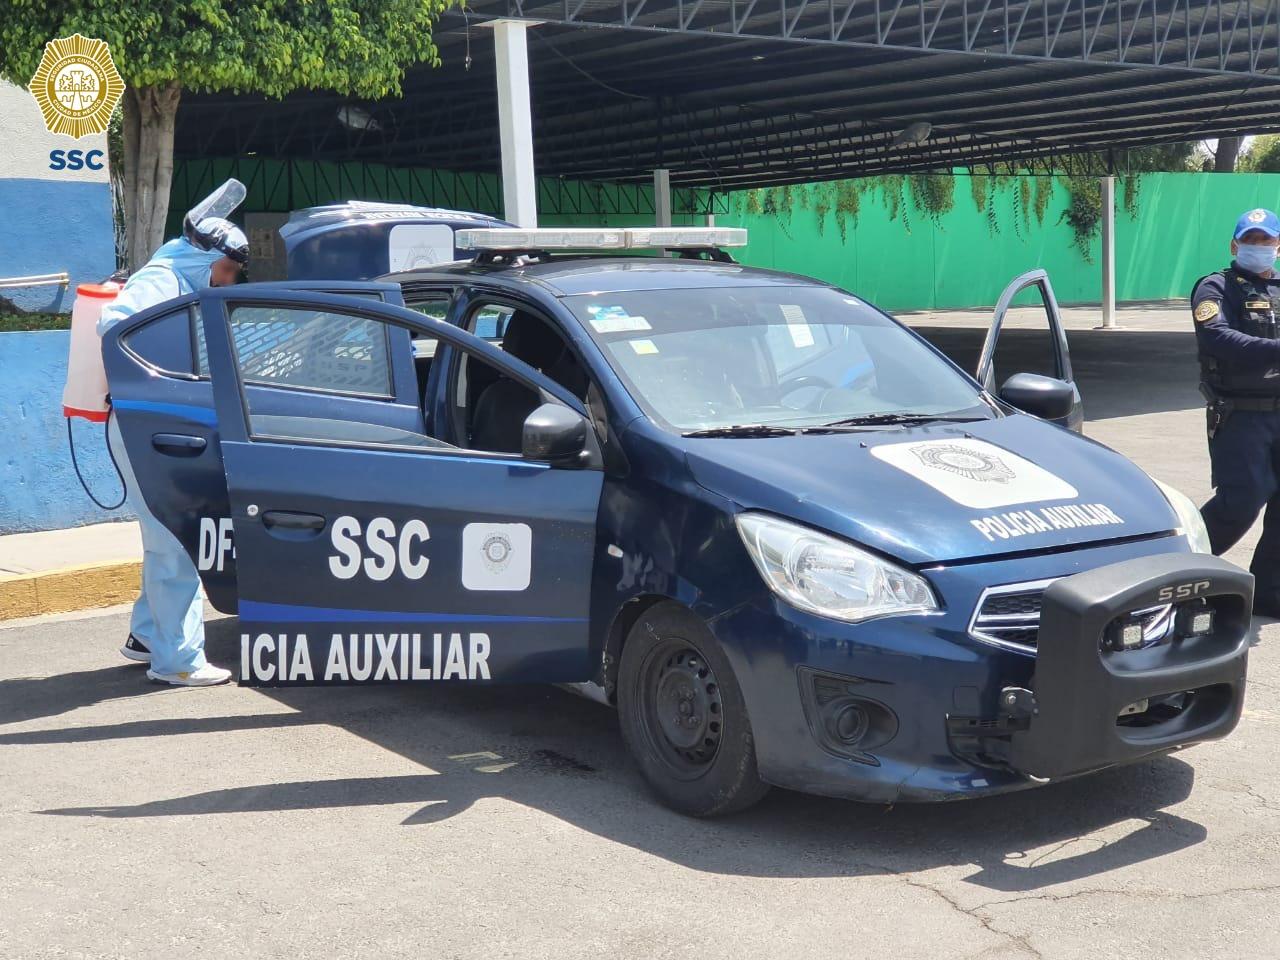 La SSC tomó conocimiento de tres personas lesionadas por impactos de arma de fuego en colonia Morelos